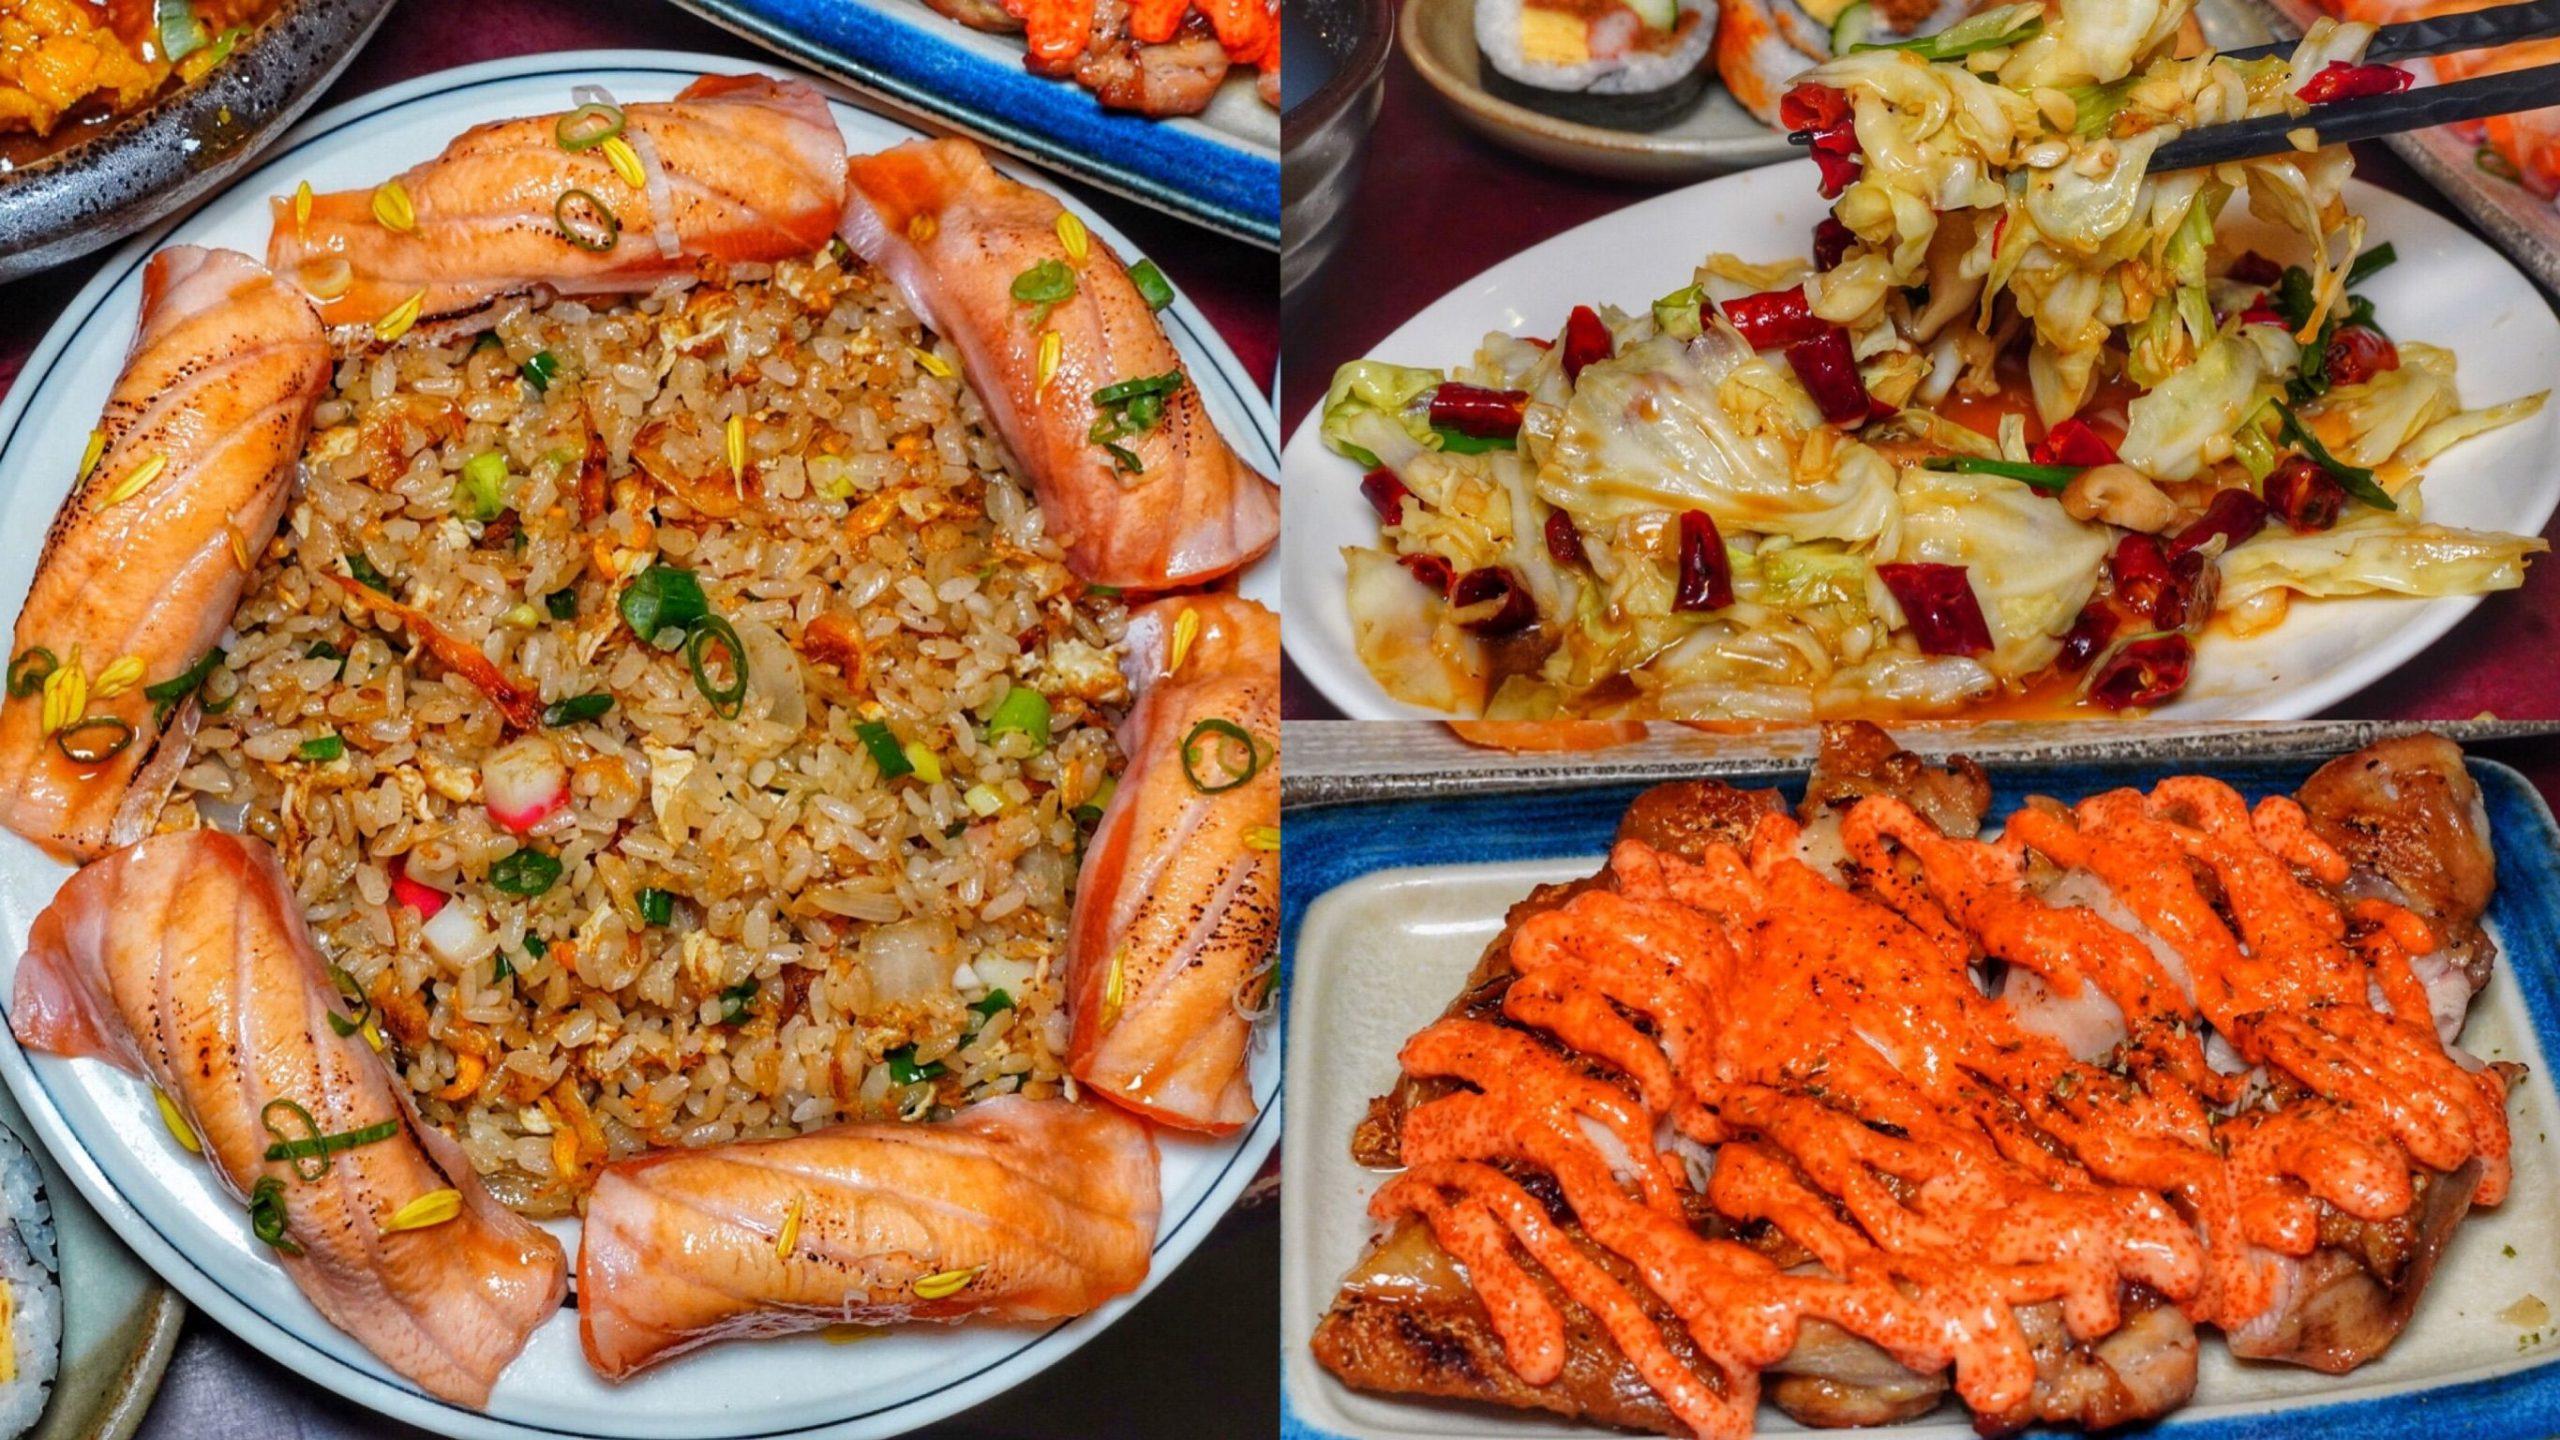 【台南美食】炙燒鮭魚+炒飯新吃法!沒預約很難吃到的人氣居酒屋 餐點選擇多又平價 – 酒河原居酒屋